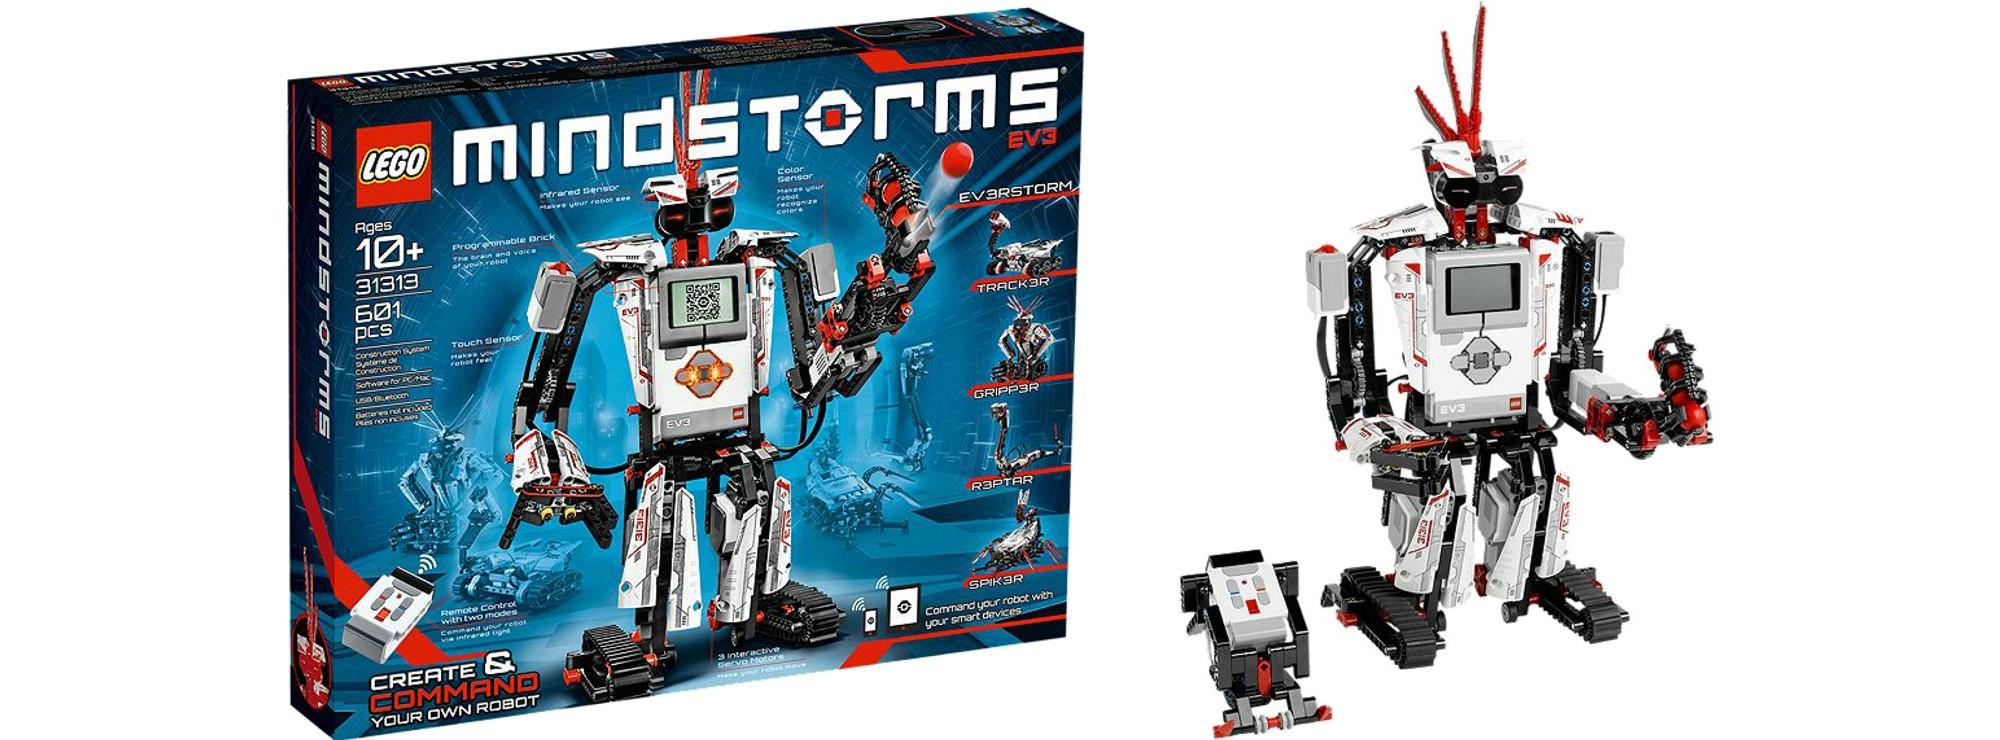 Lego Mindstorms 31313 Ev3 Robot 7080696872 Oficjalne Archiwum